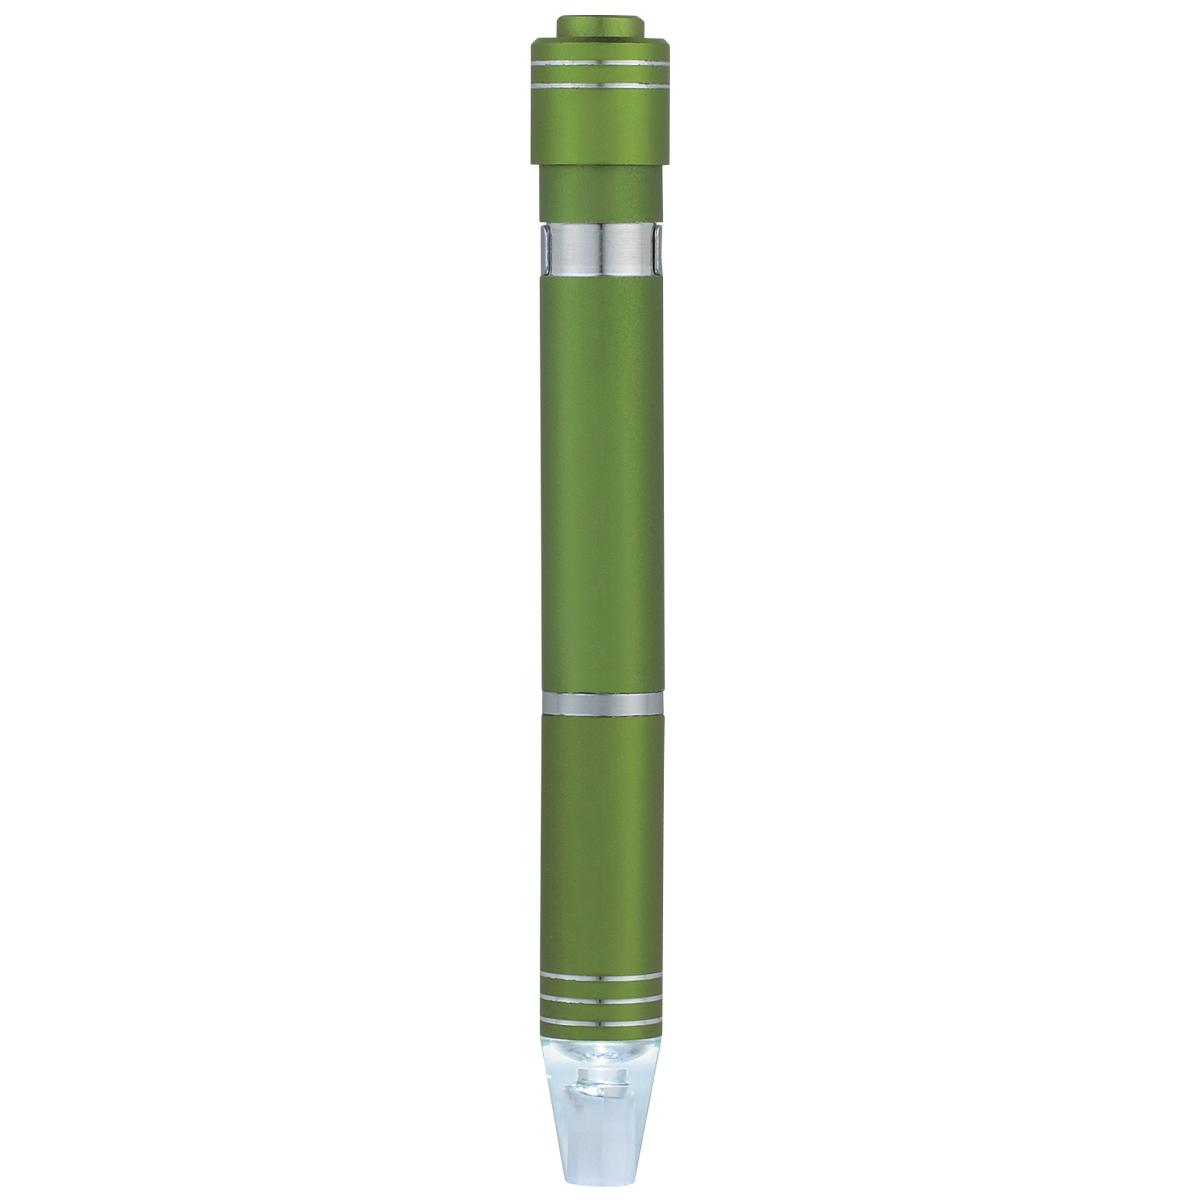 #CM 7229 Aluminum Multi-Tool Kit With LED Light